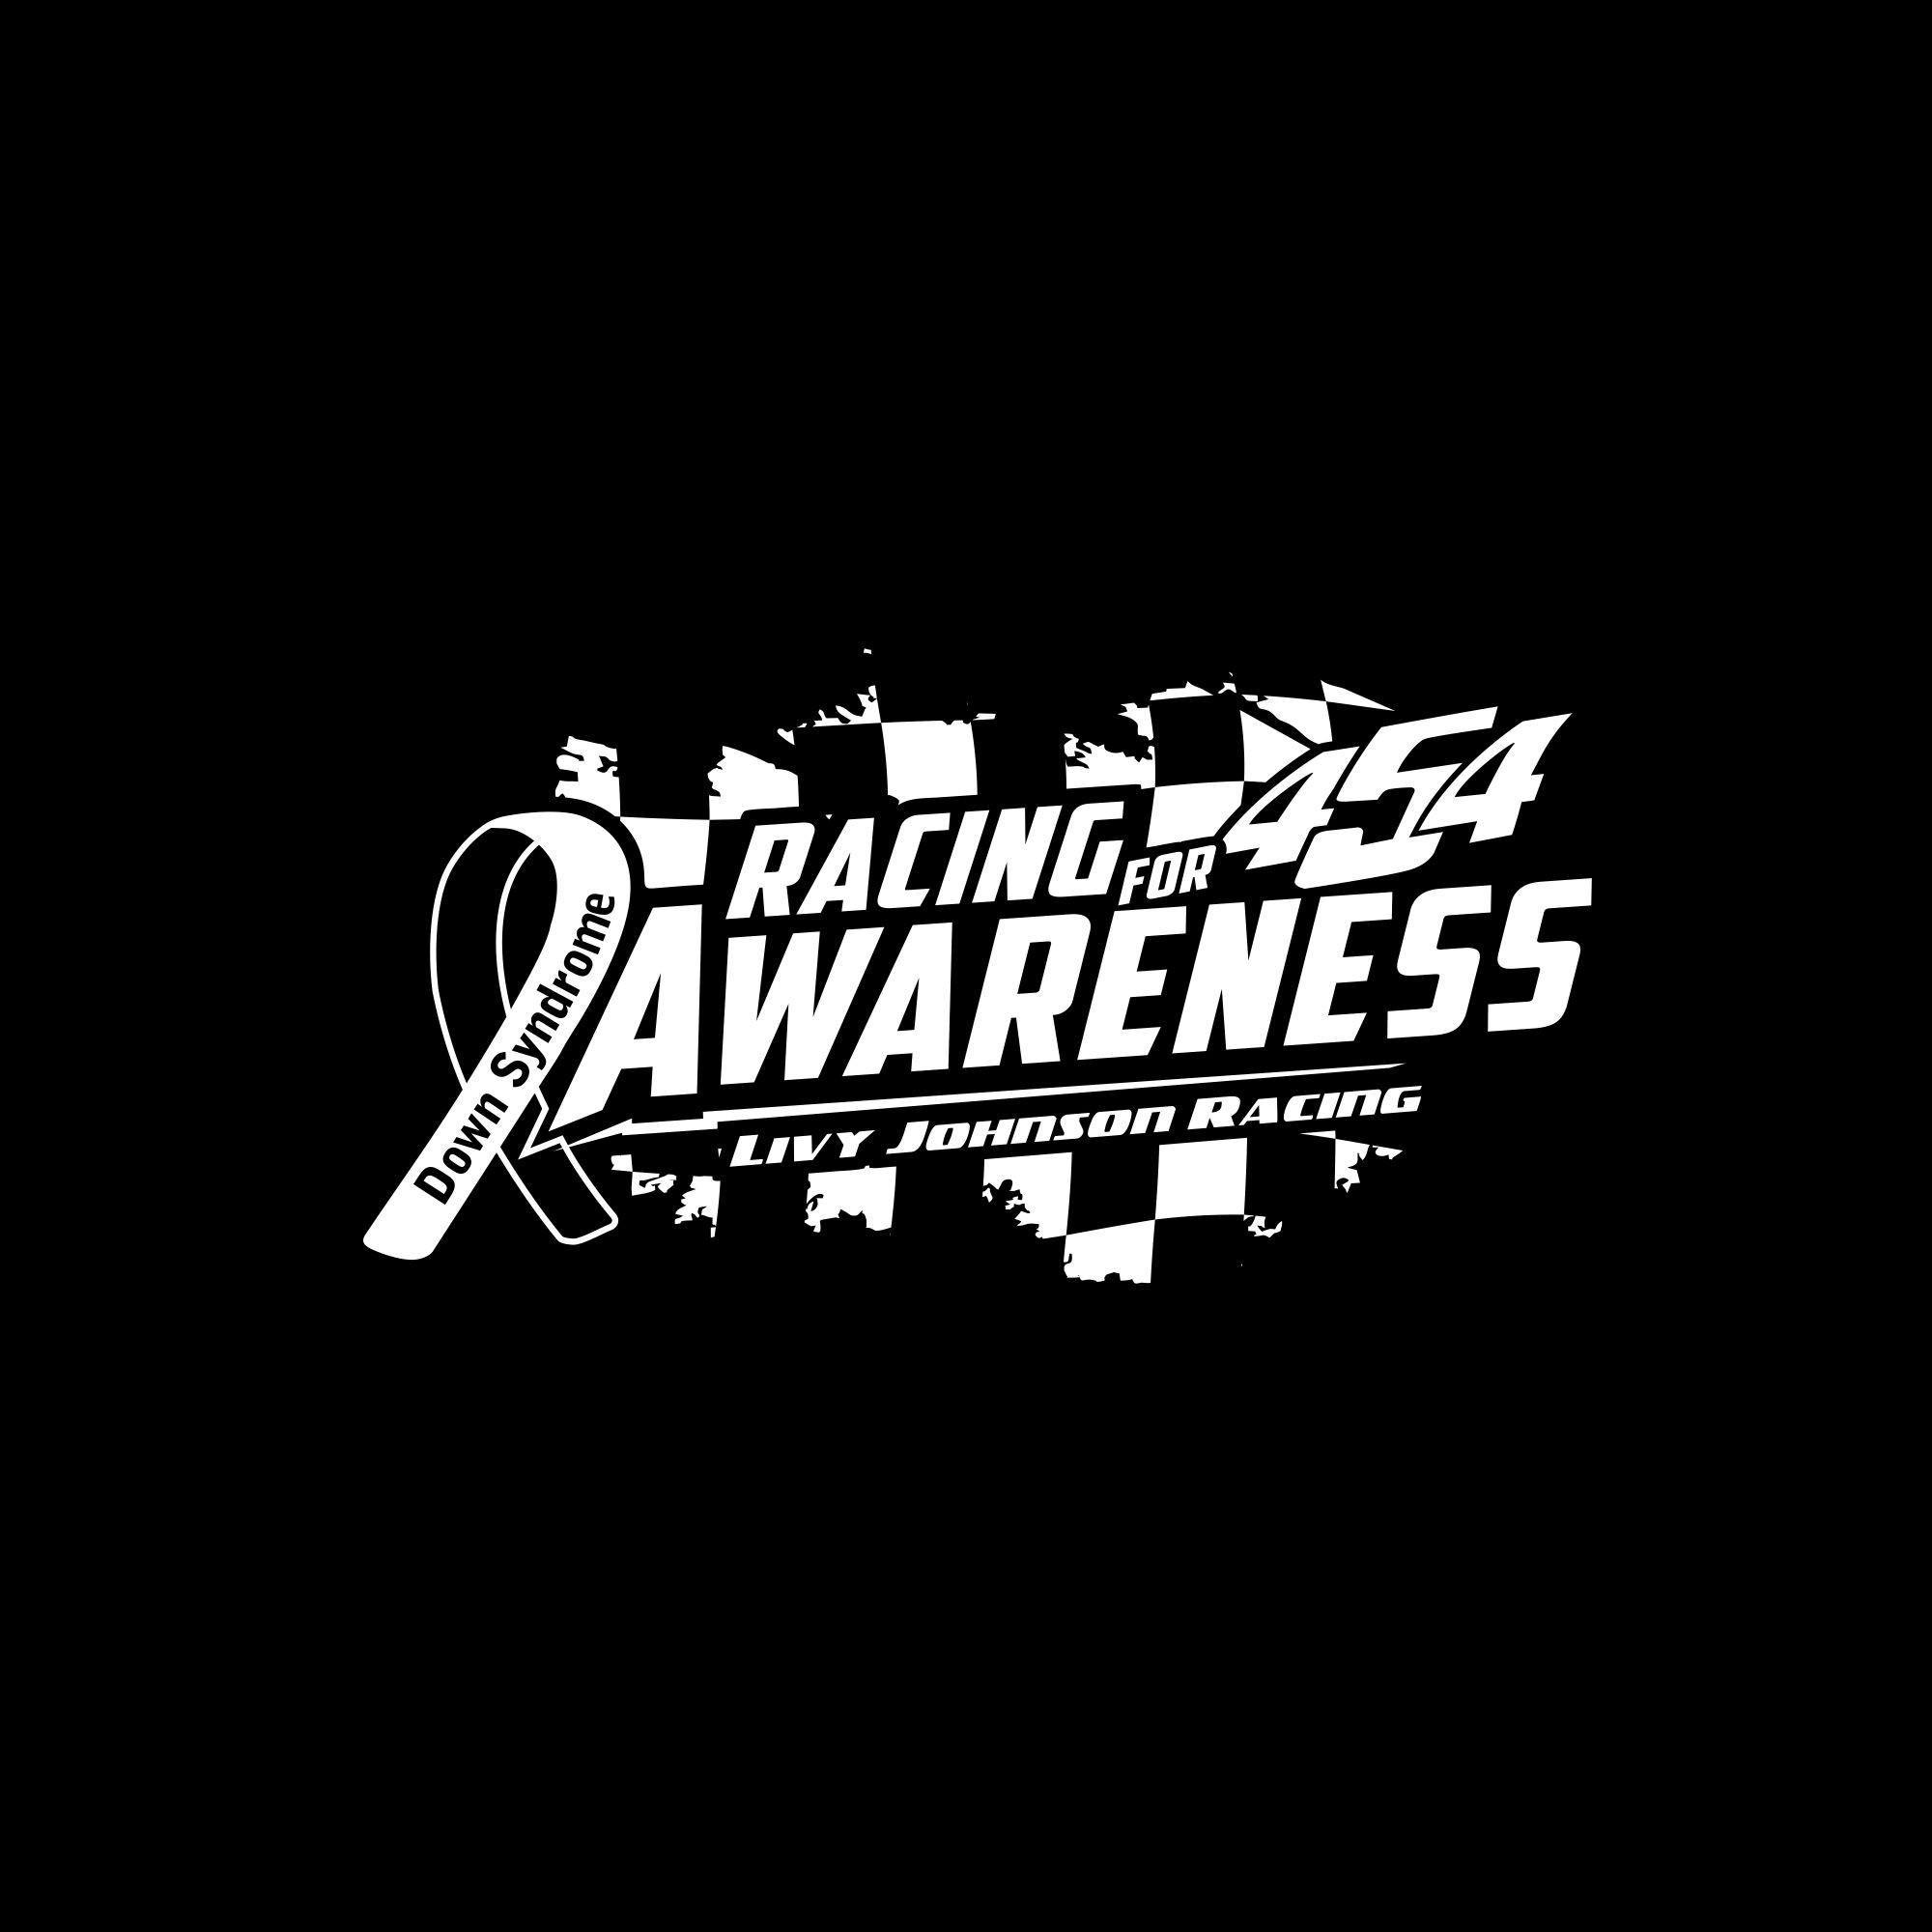 Racing For Awareness